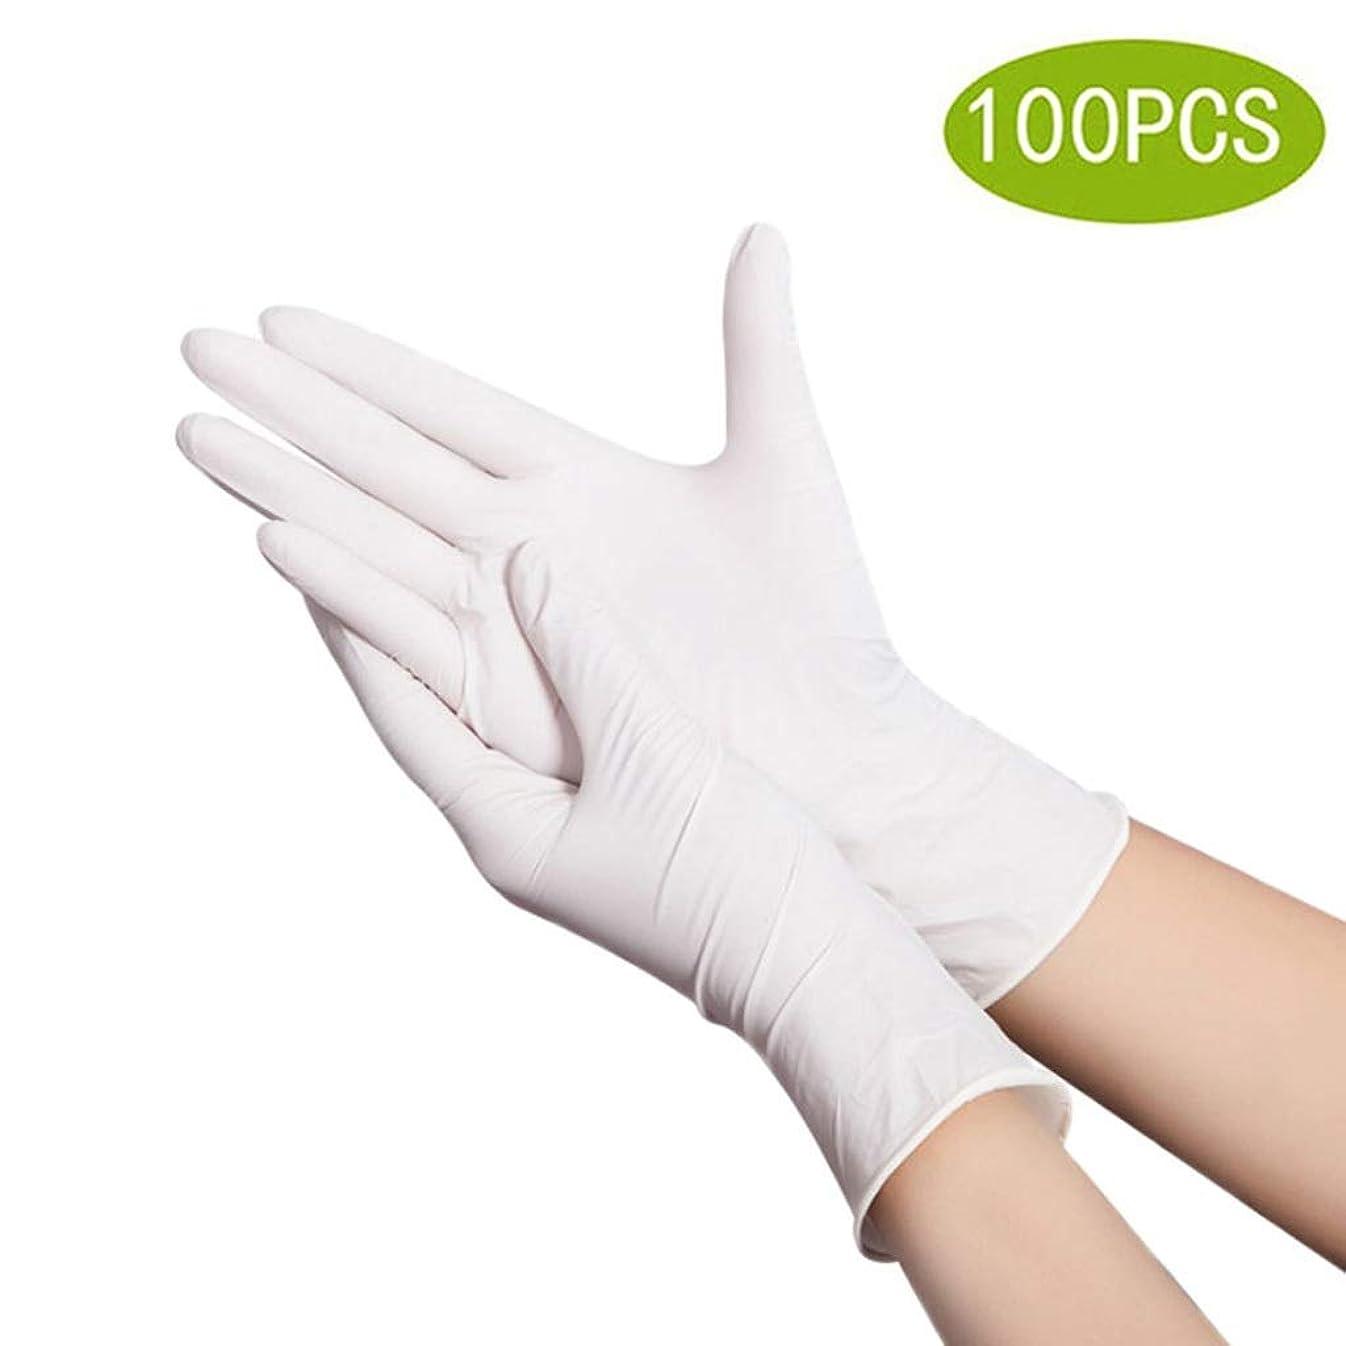 磁石定規エジプトニトリル手袋4ミル厚ヘビーデューティー使い捨て手袋 - 工業用および家庭用 - パウダーフリー - ナチュラルホワイト(100カウント) (Size : S)